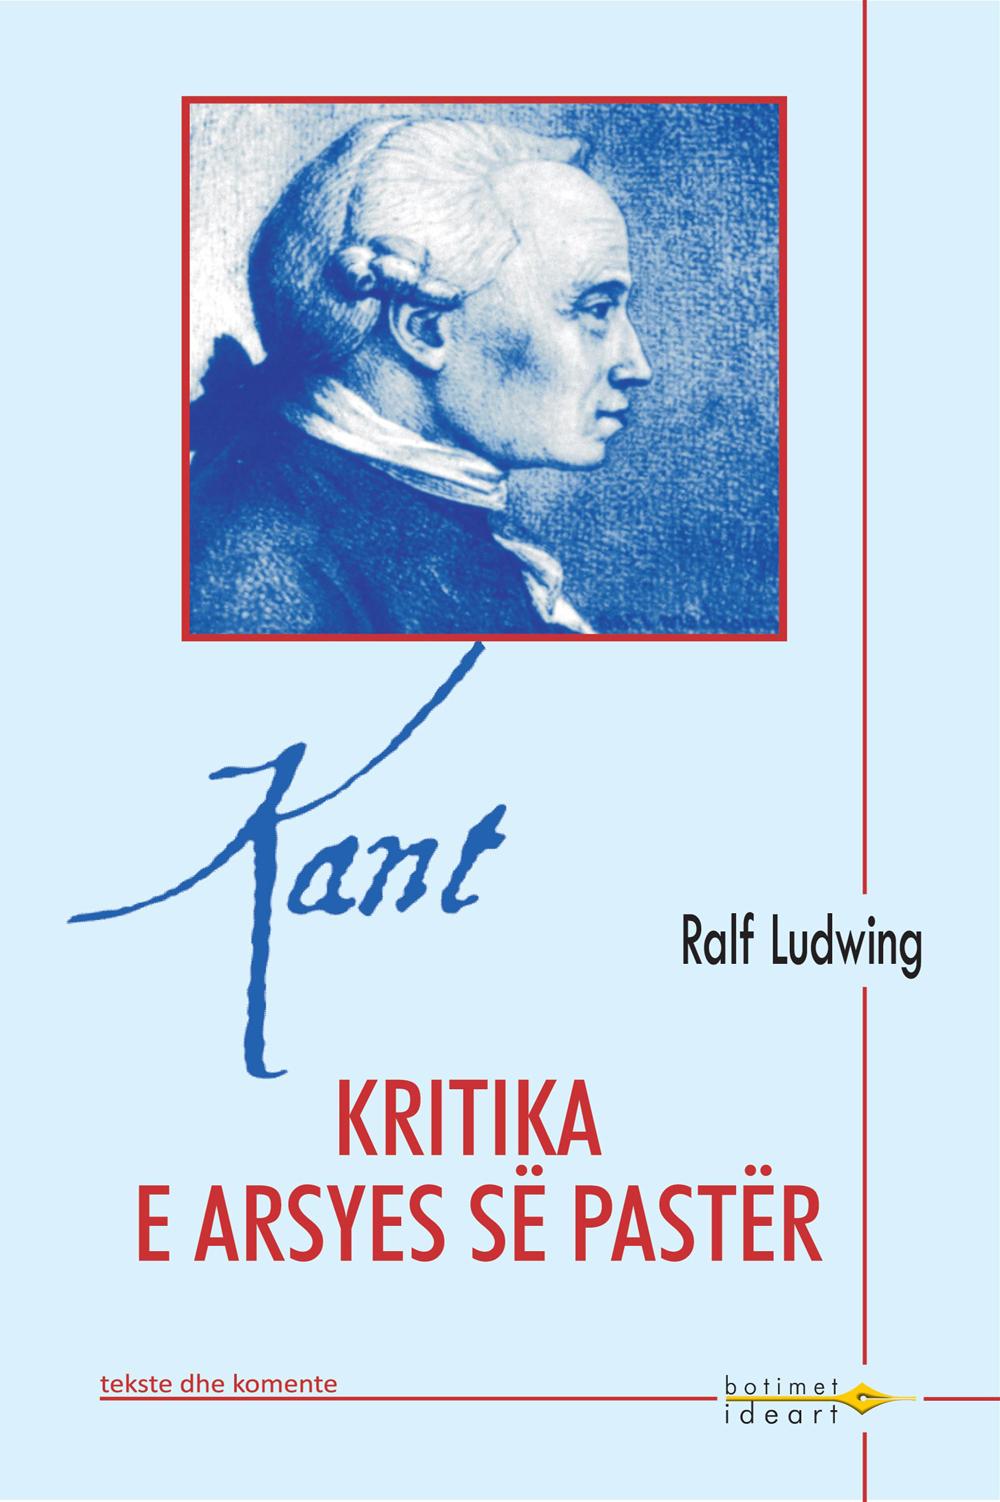 Kant - kritika e arsyes së pastër